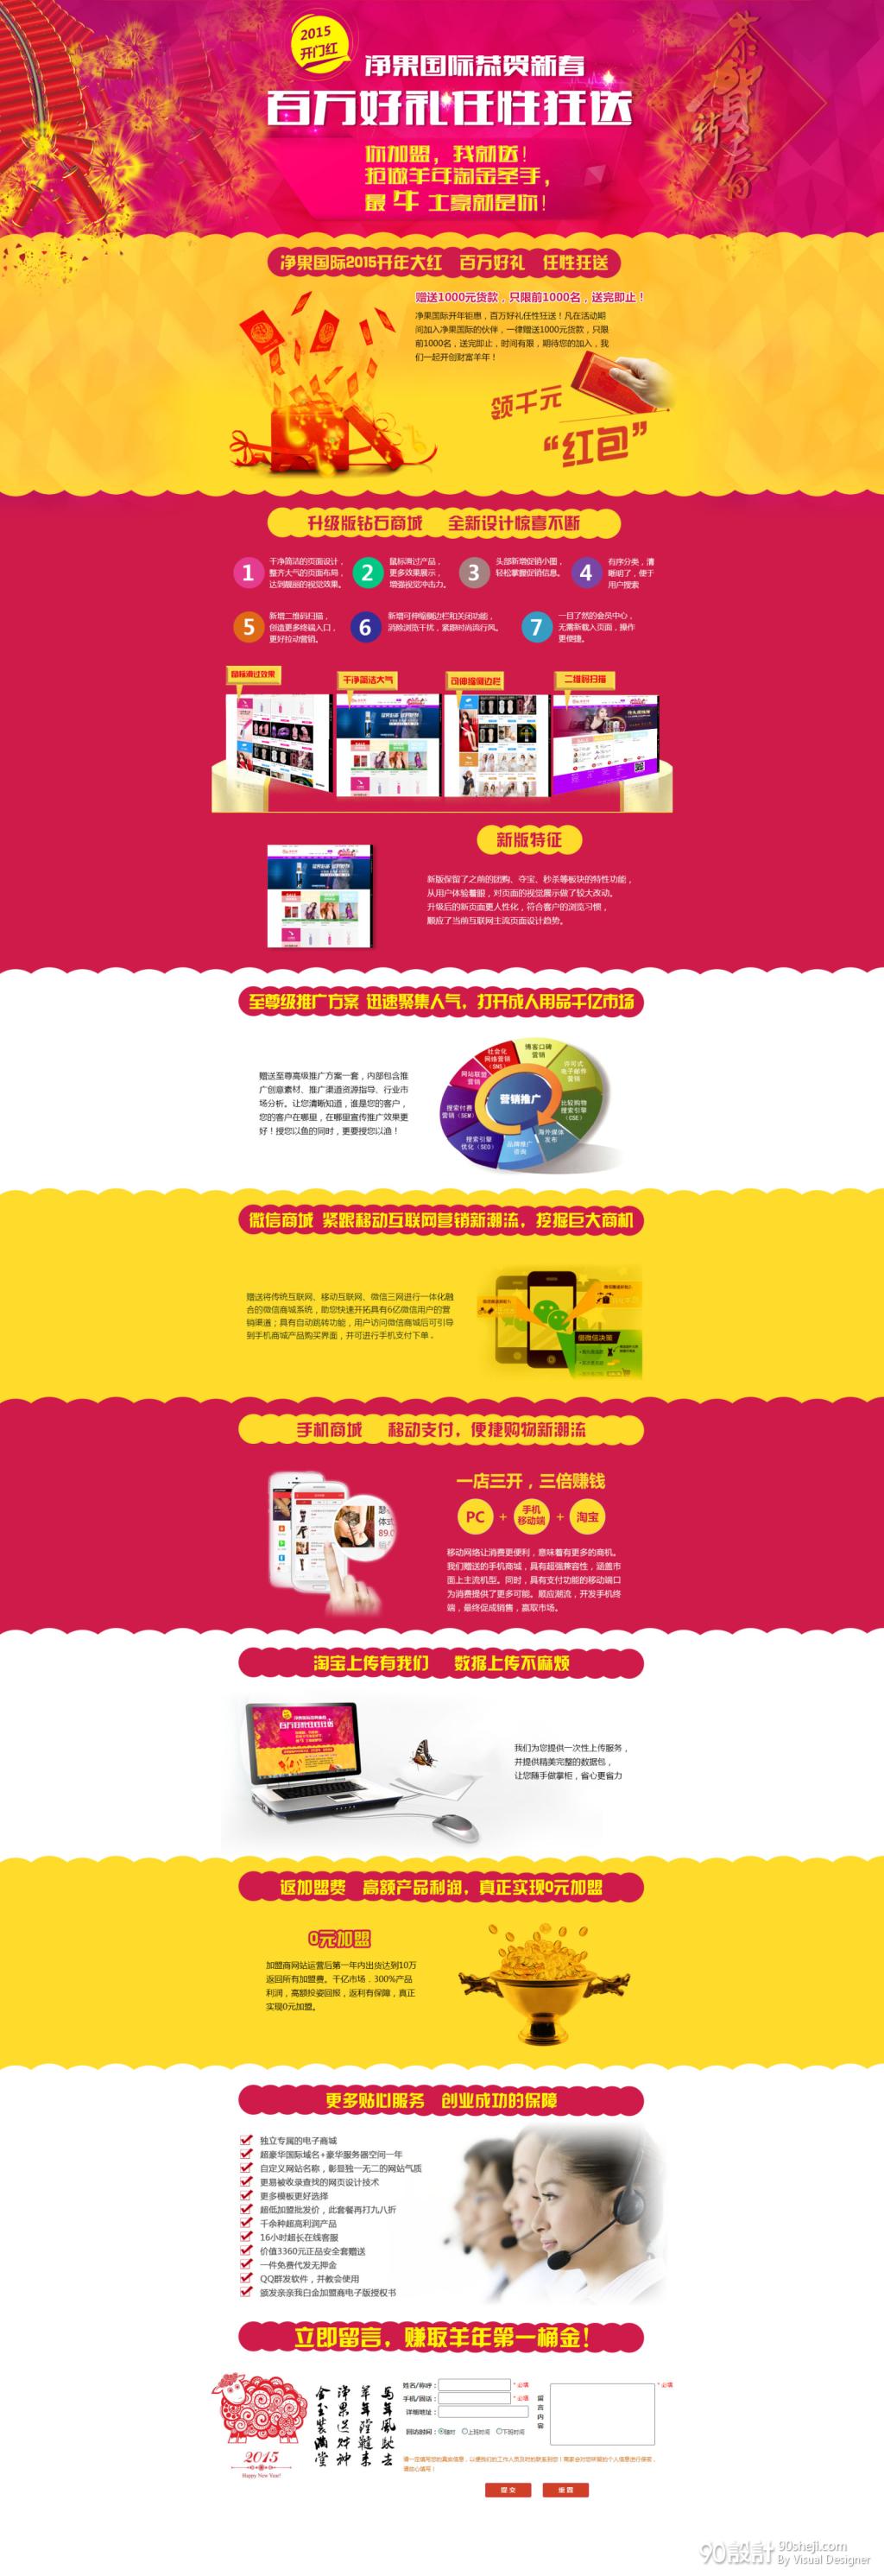 专题页面招商促销页面二级页面活动页面_专题页设计_.